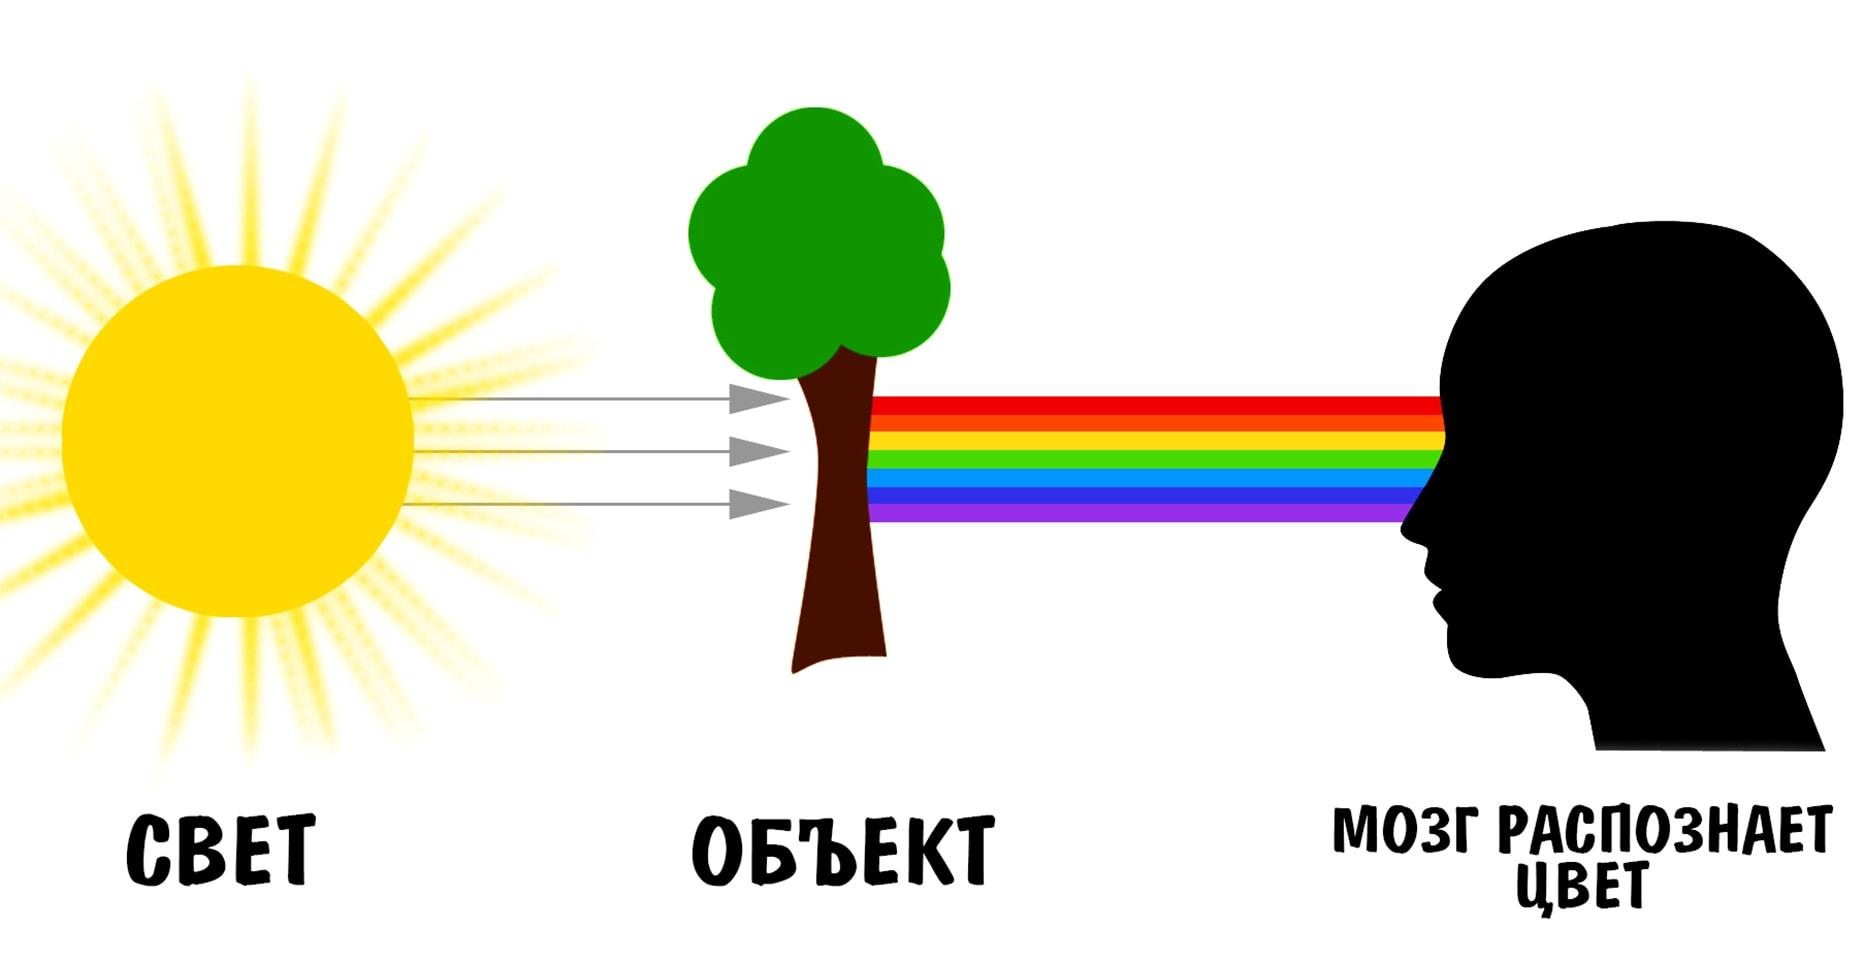 Упрощенная схема распознания цвета